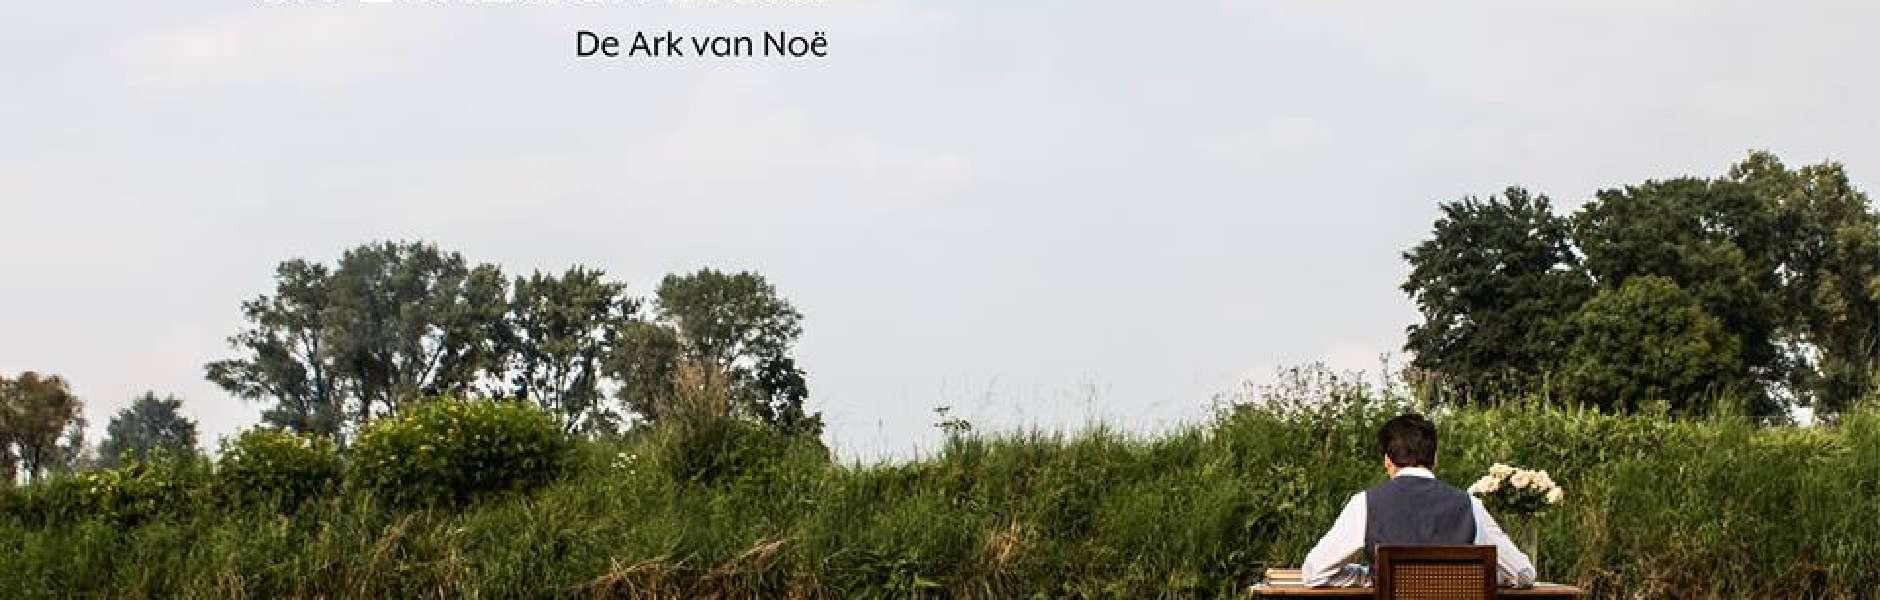 De Ark van Noë